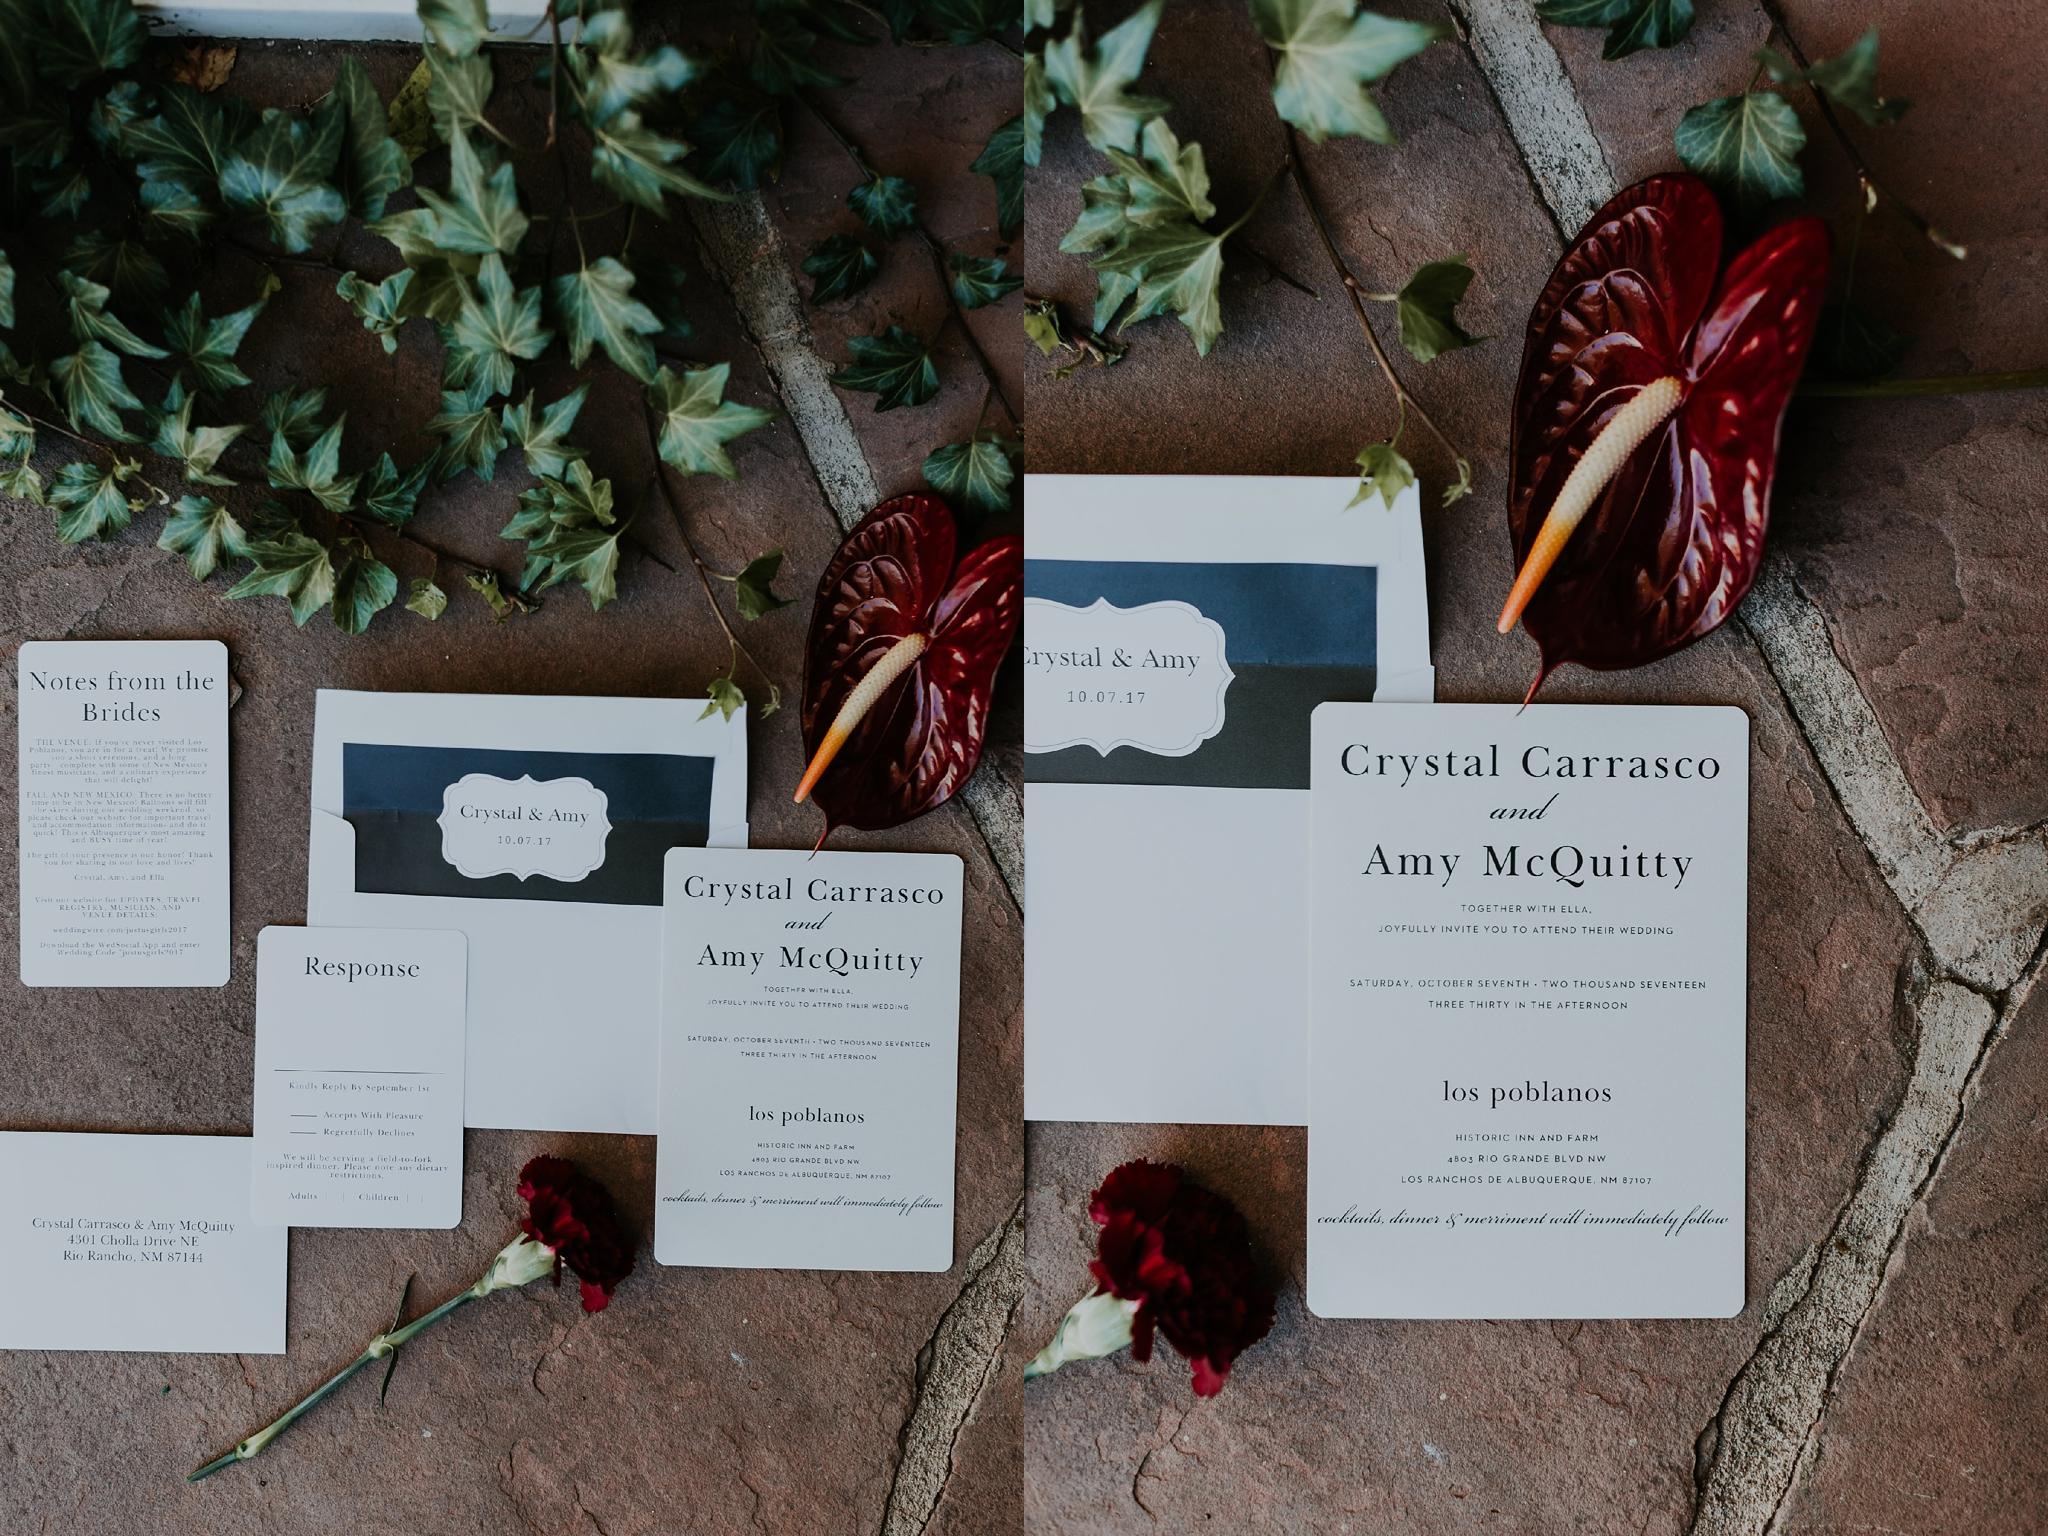 Alicia+lucia+photography+-+albuquerque+wedding+photographer+-+santa+fe+wedding+photography+-+new+mexico+wedding+photographer+-+new+mexico+wedding+-+wedding+invitations+-+invitation+suite+-+wedding+inspo_0072.jpg